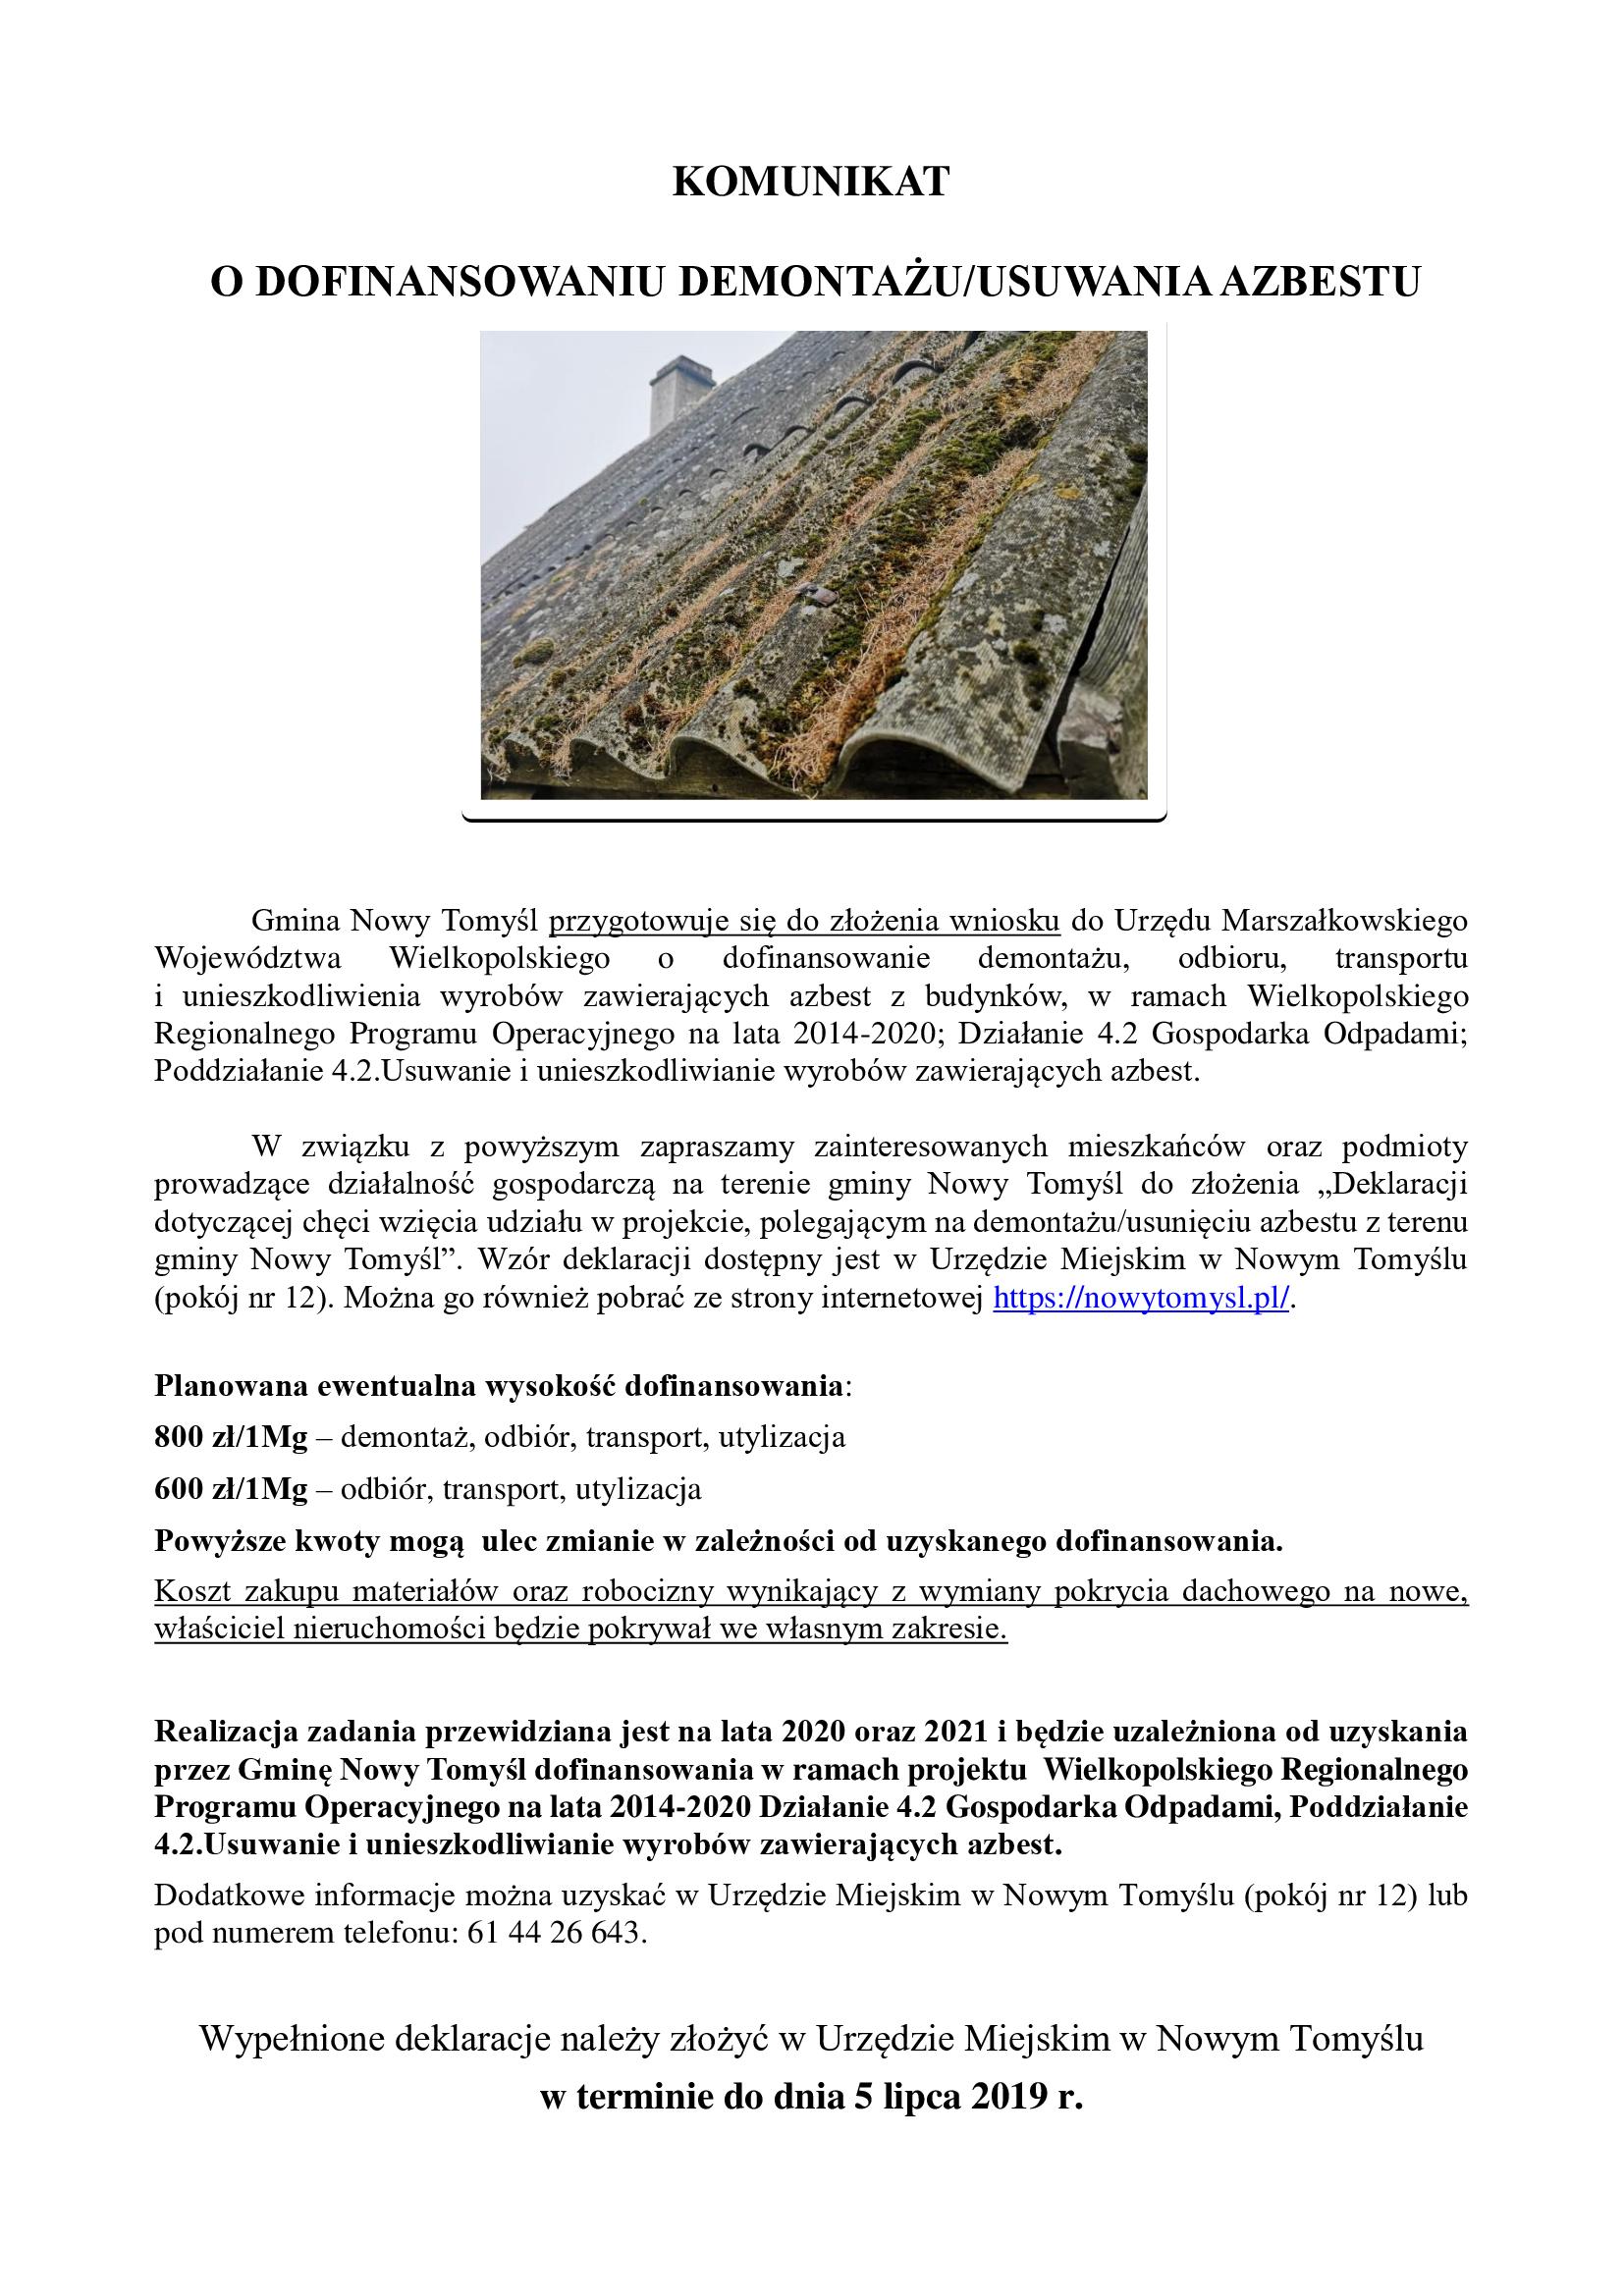 Dofinansowanie demontażu/usuwania azbestu